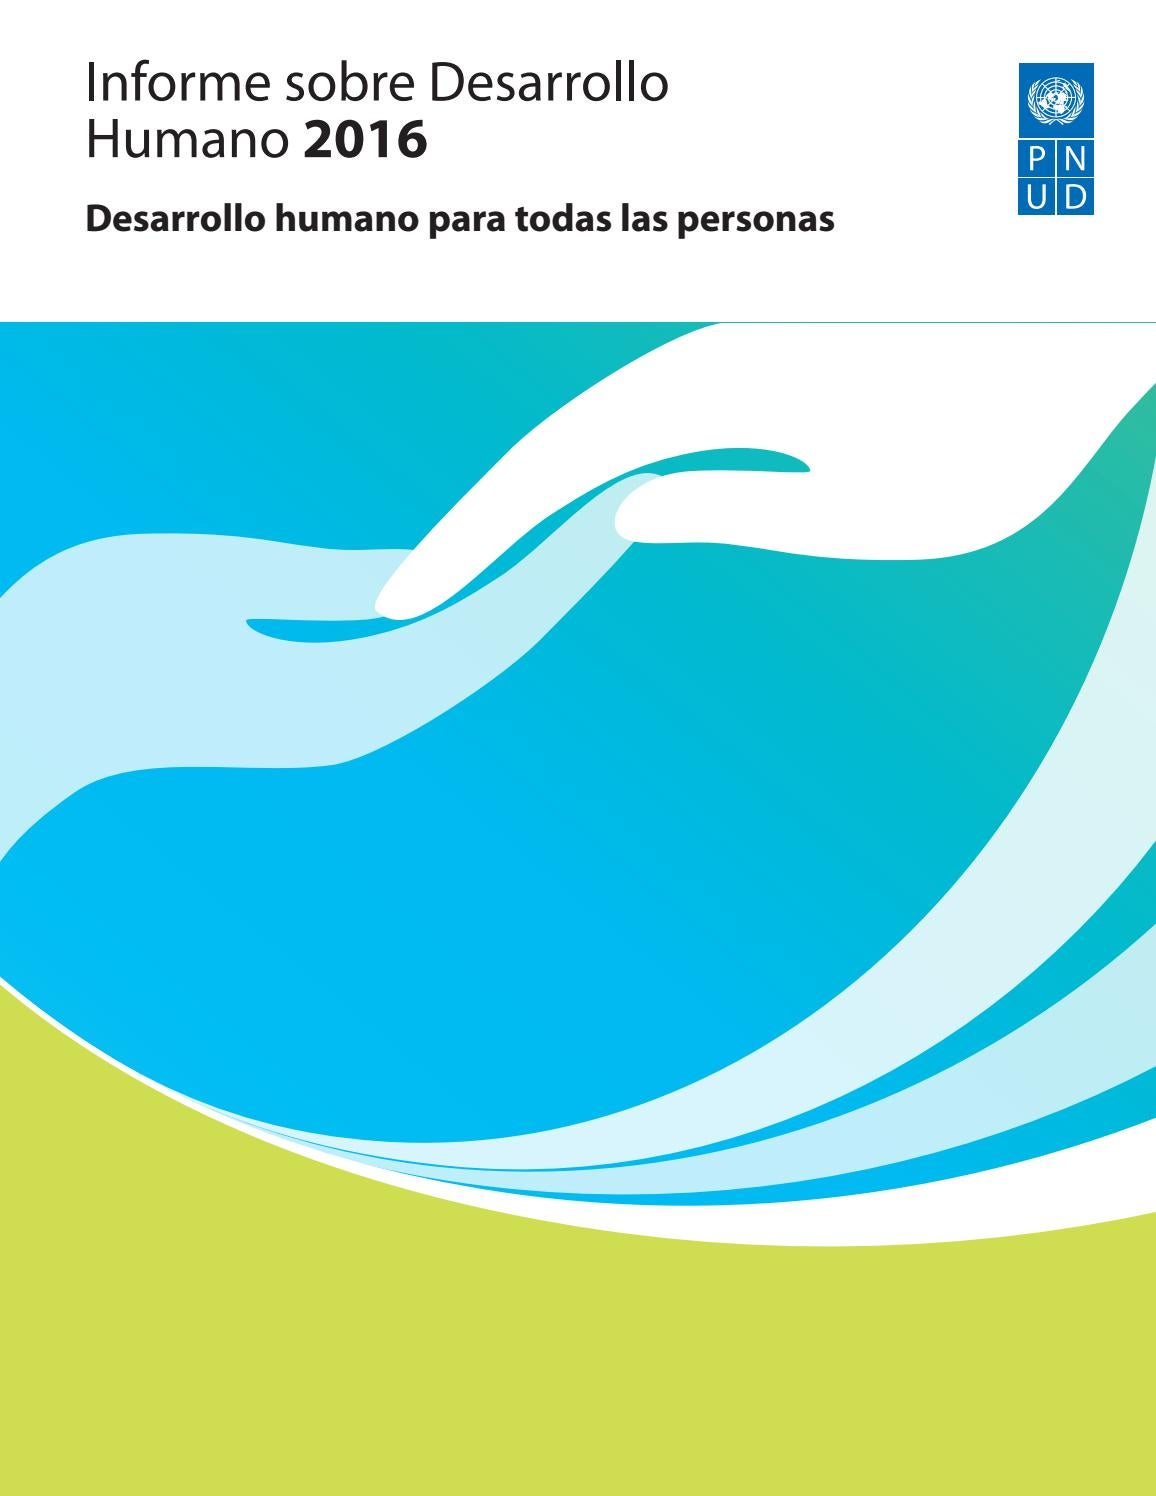 Informe de desarrollo humano 2016 by Dorians monarca - issuu